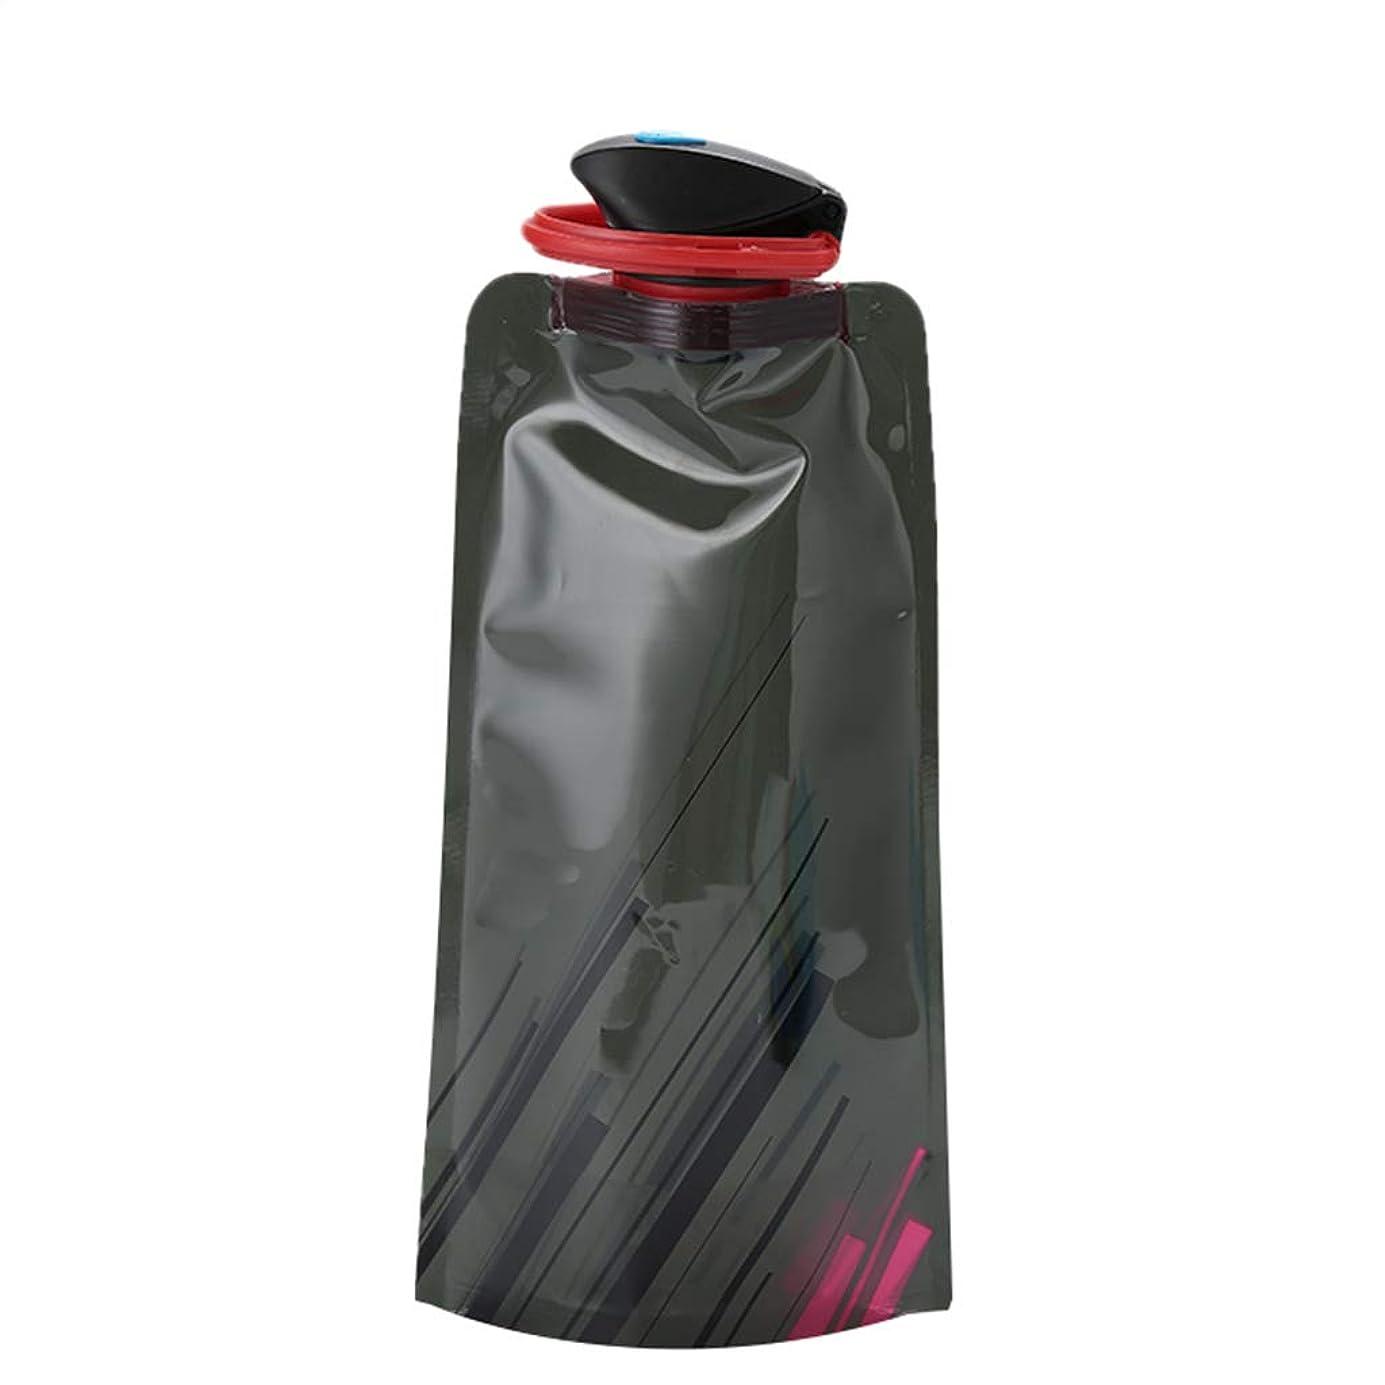 意欲不屈お願いします屋外折りたたみウォーターバッグスポーツポータブルウォーターバッグ、カラビナ付きBPA無料耐久性のある折り畳み式フレキシブルクライミングウォーターボトル